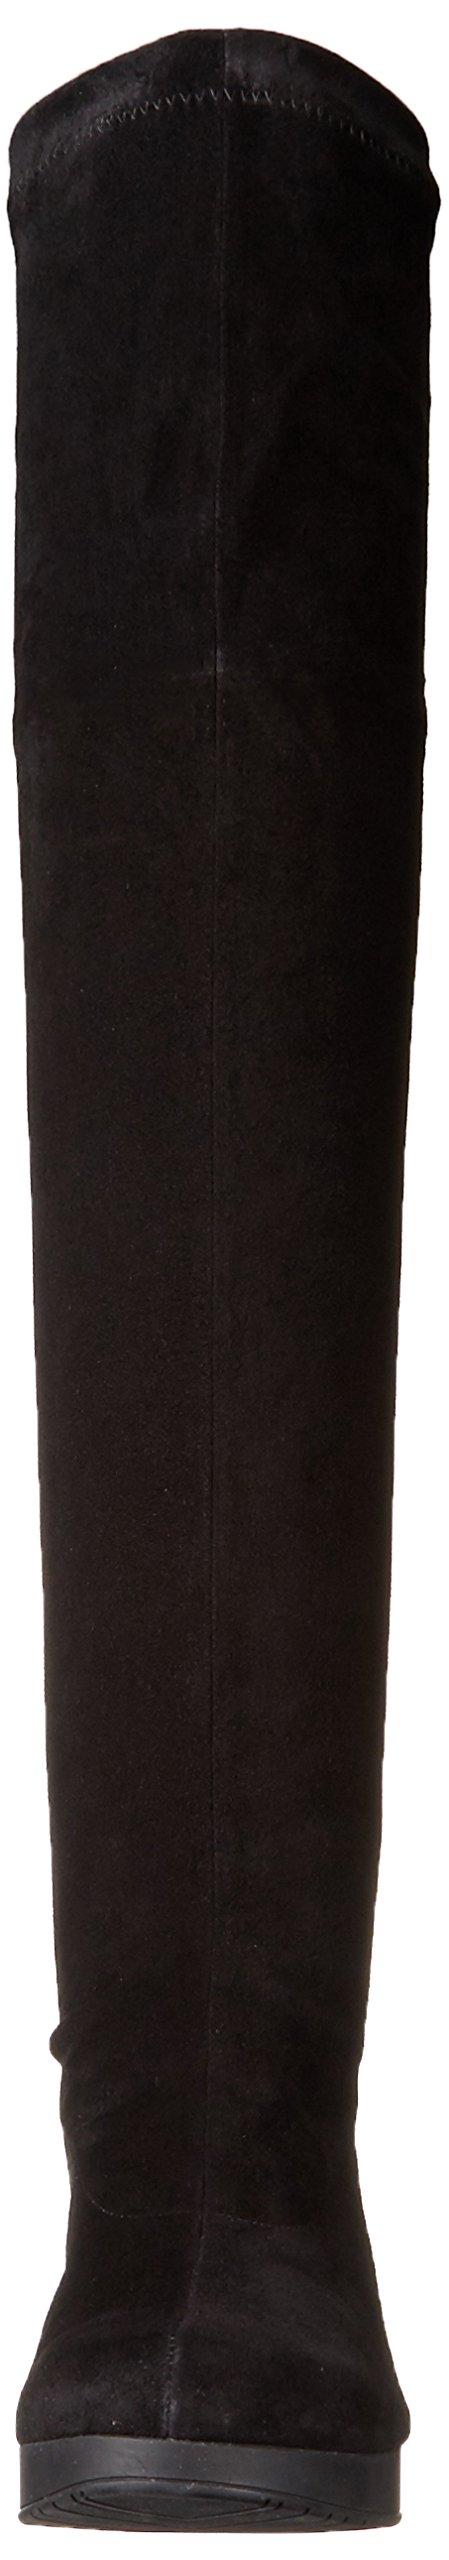 Robert Clergerie Women's Natul Winter Boot,Black Suede,39.5 EU/9 B US by Robert Clergerie (Image #4)